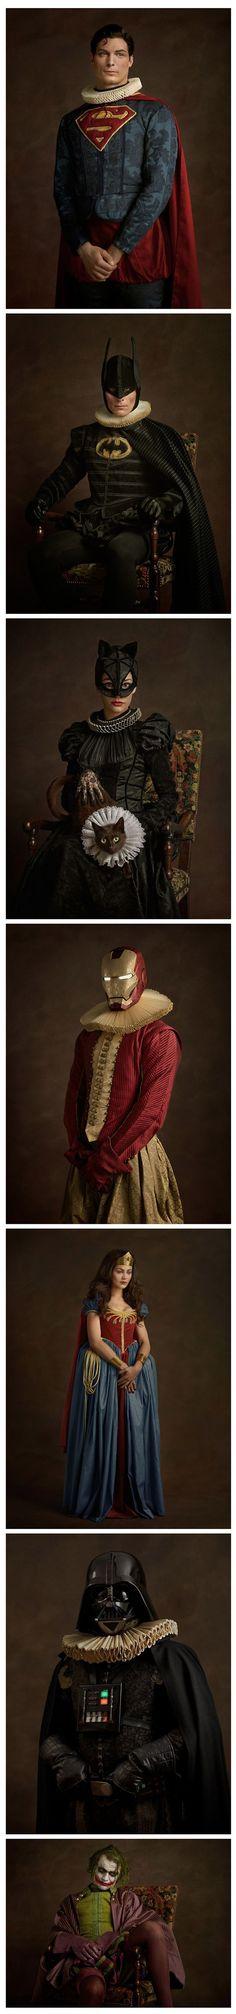 Superhéroes y villanos en cuadros clásicos